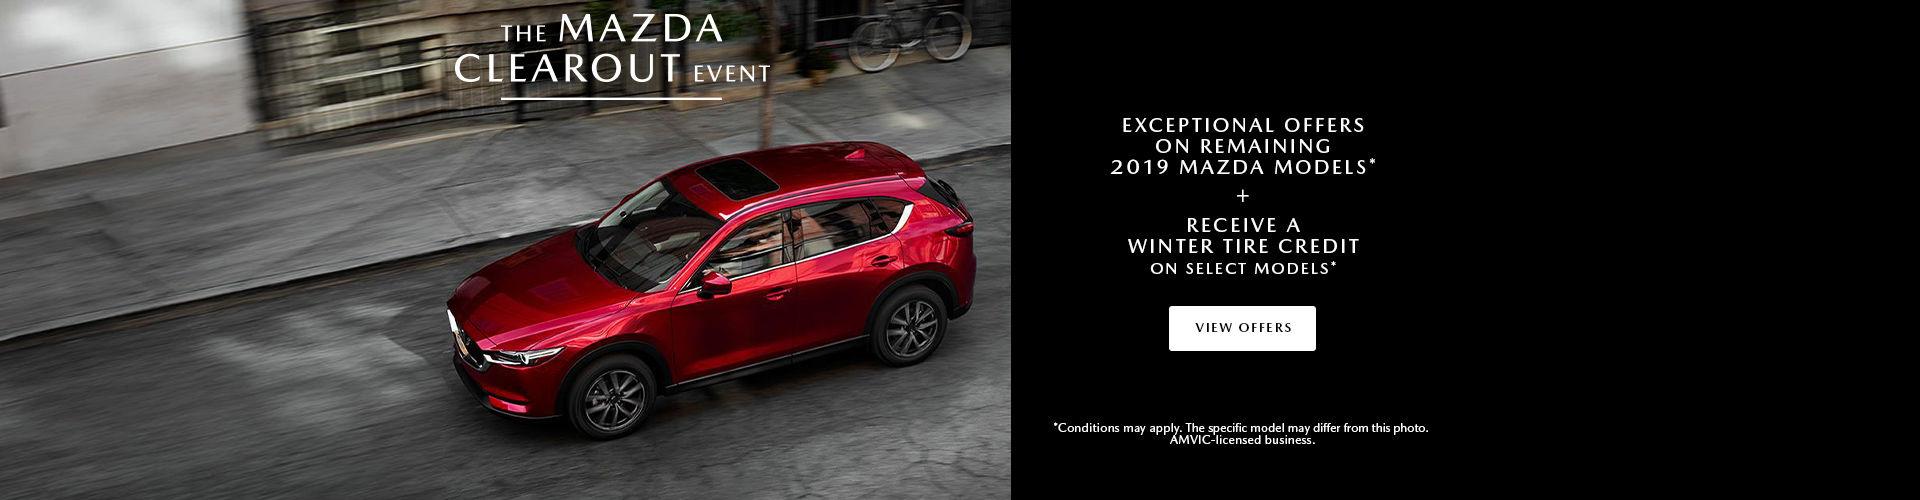 Sundance Mazda | Mazda dealership in Edmonton